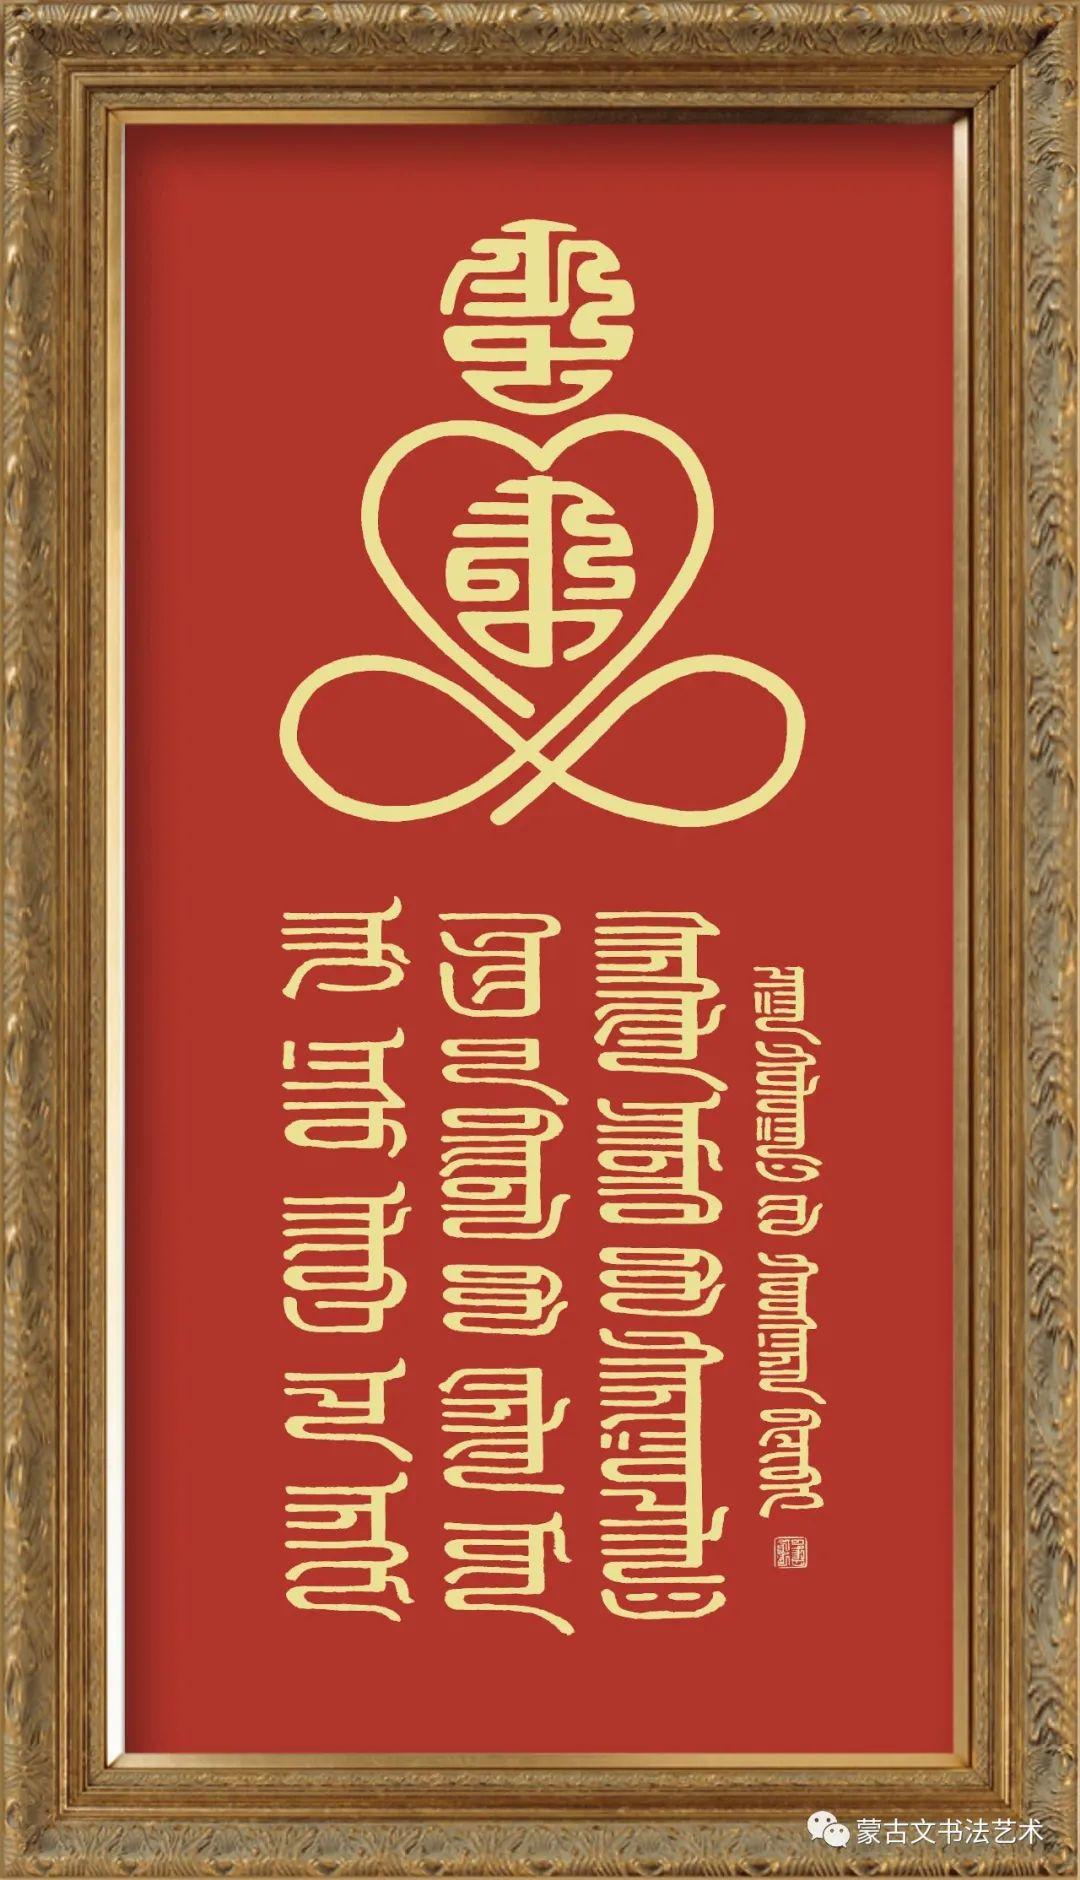 好斯那拉书法作品欣赏 第23张 好斯那拉书法作品欣赏 蒙古书法